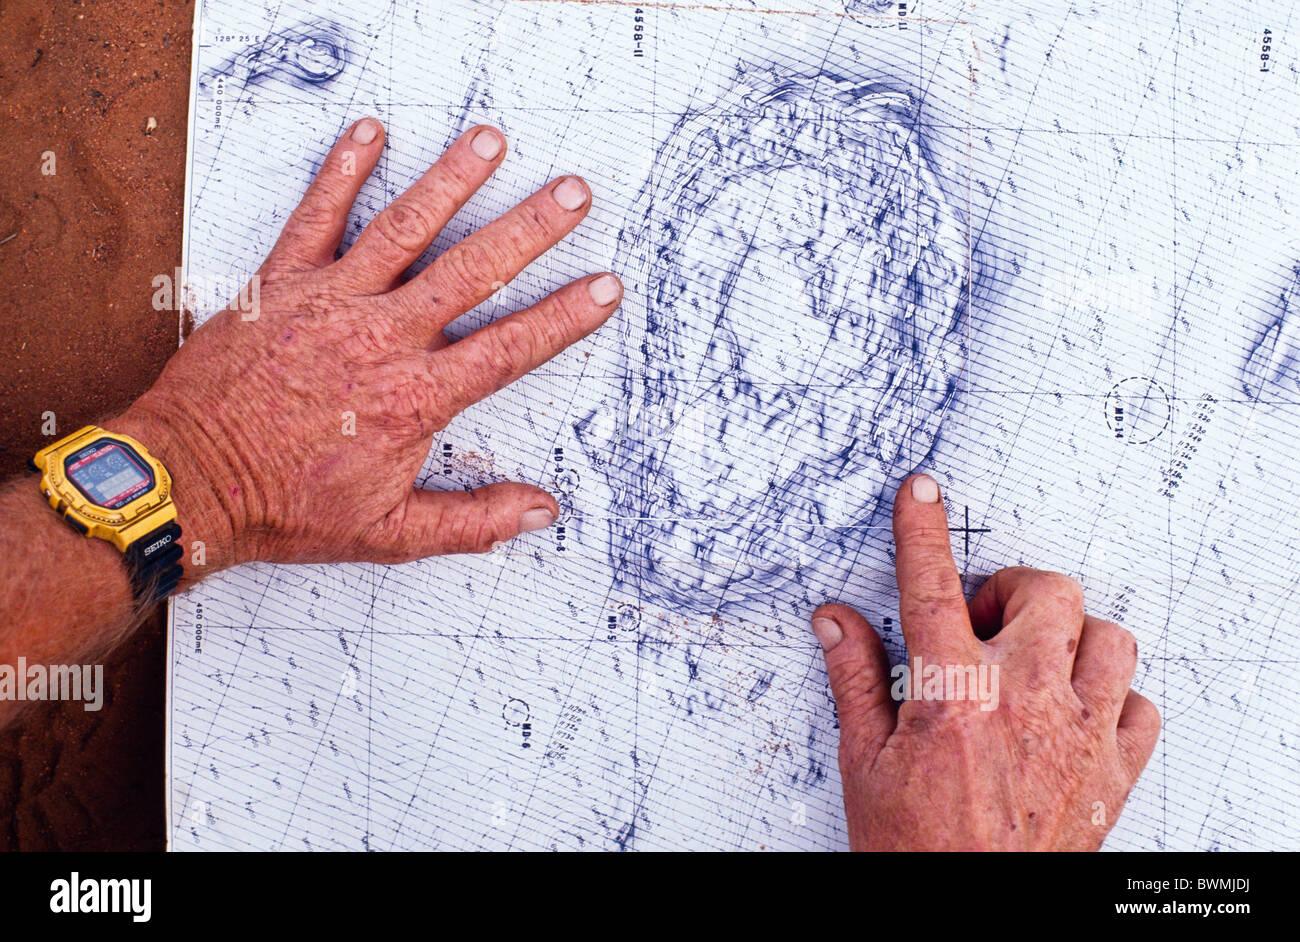 Geólogo estudiando magnético mapa de contorno, la exploración de minerales, Australia Occidental Imagen De Stock